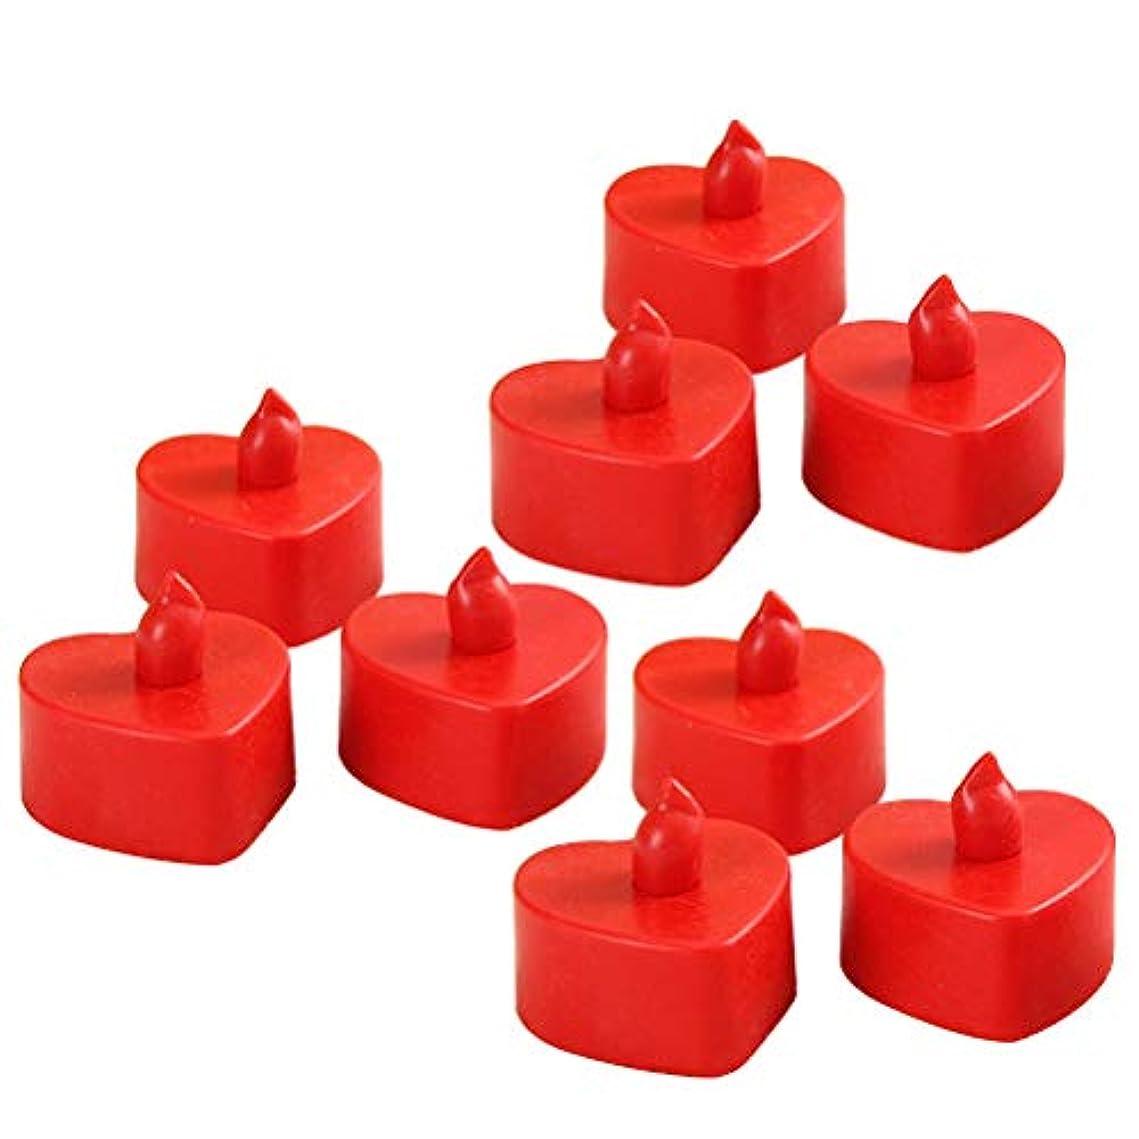 支援煙突スキムBESTOYARD 10個のLed茶色のライトは、電池で作動するFlameless Tealightキャンドル暖かい黄色のライトライトハートシェイプクリスマスのウェディングパーティの装飾(赤いシェル、赤い光)